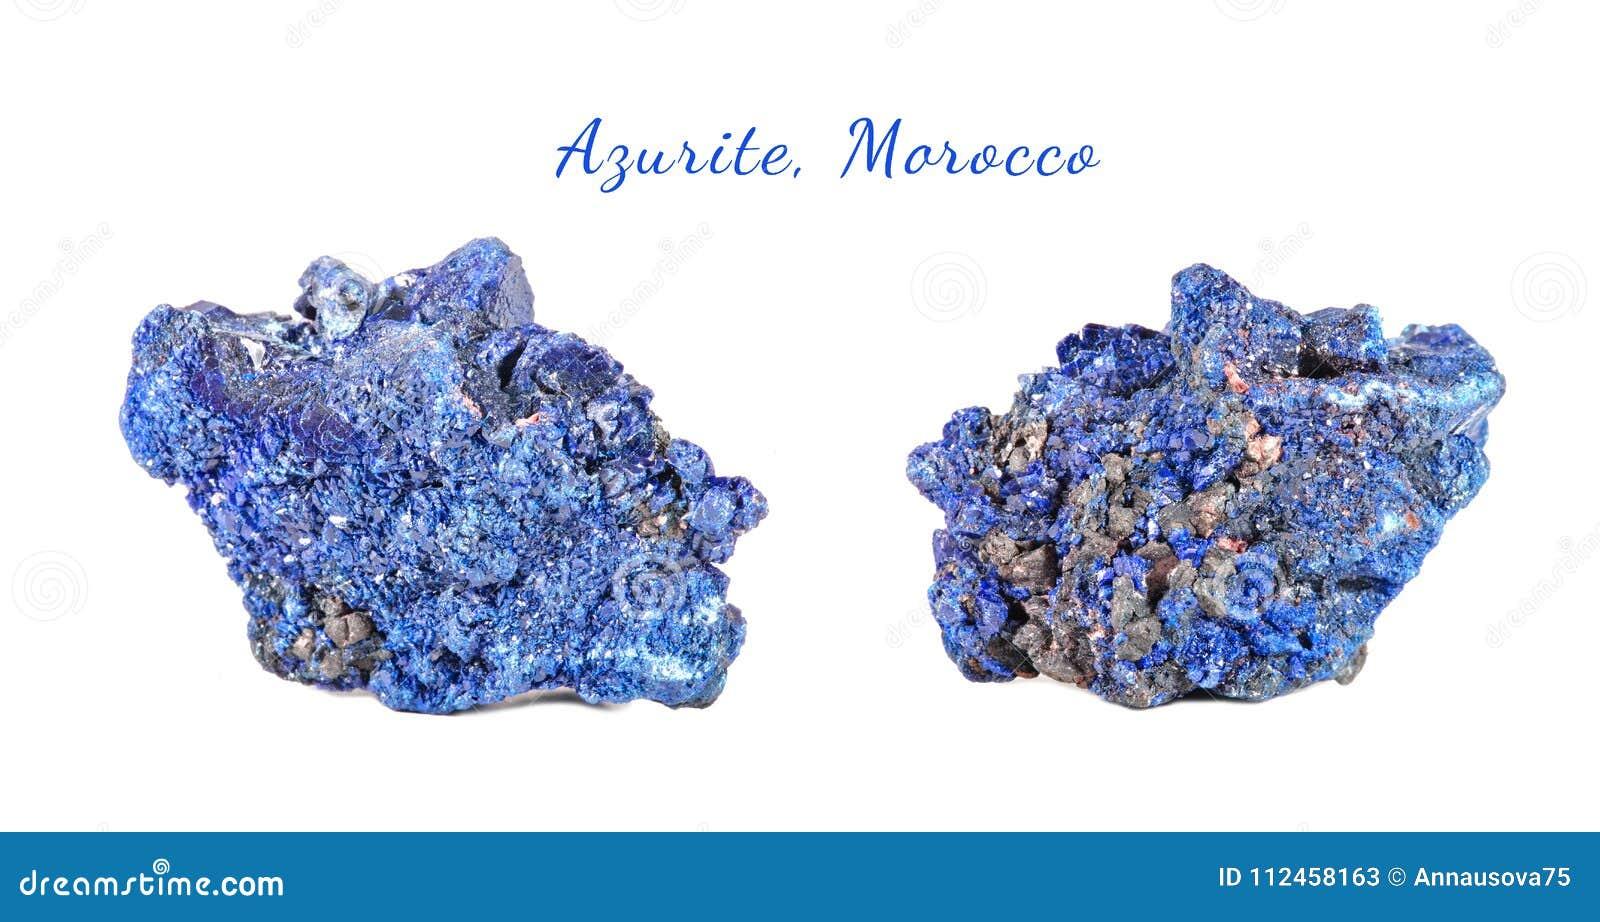 Μακρο πυροβολισμός του φυσικού πολύτιμου λίθου Ακατέργαστο μετάλλευμα azurite, Μαρόκο Απομονωμένο αντικείμενο σε μια άσπρη ανασκό